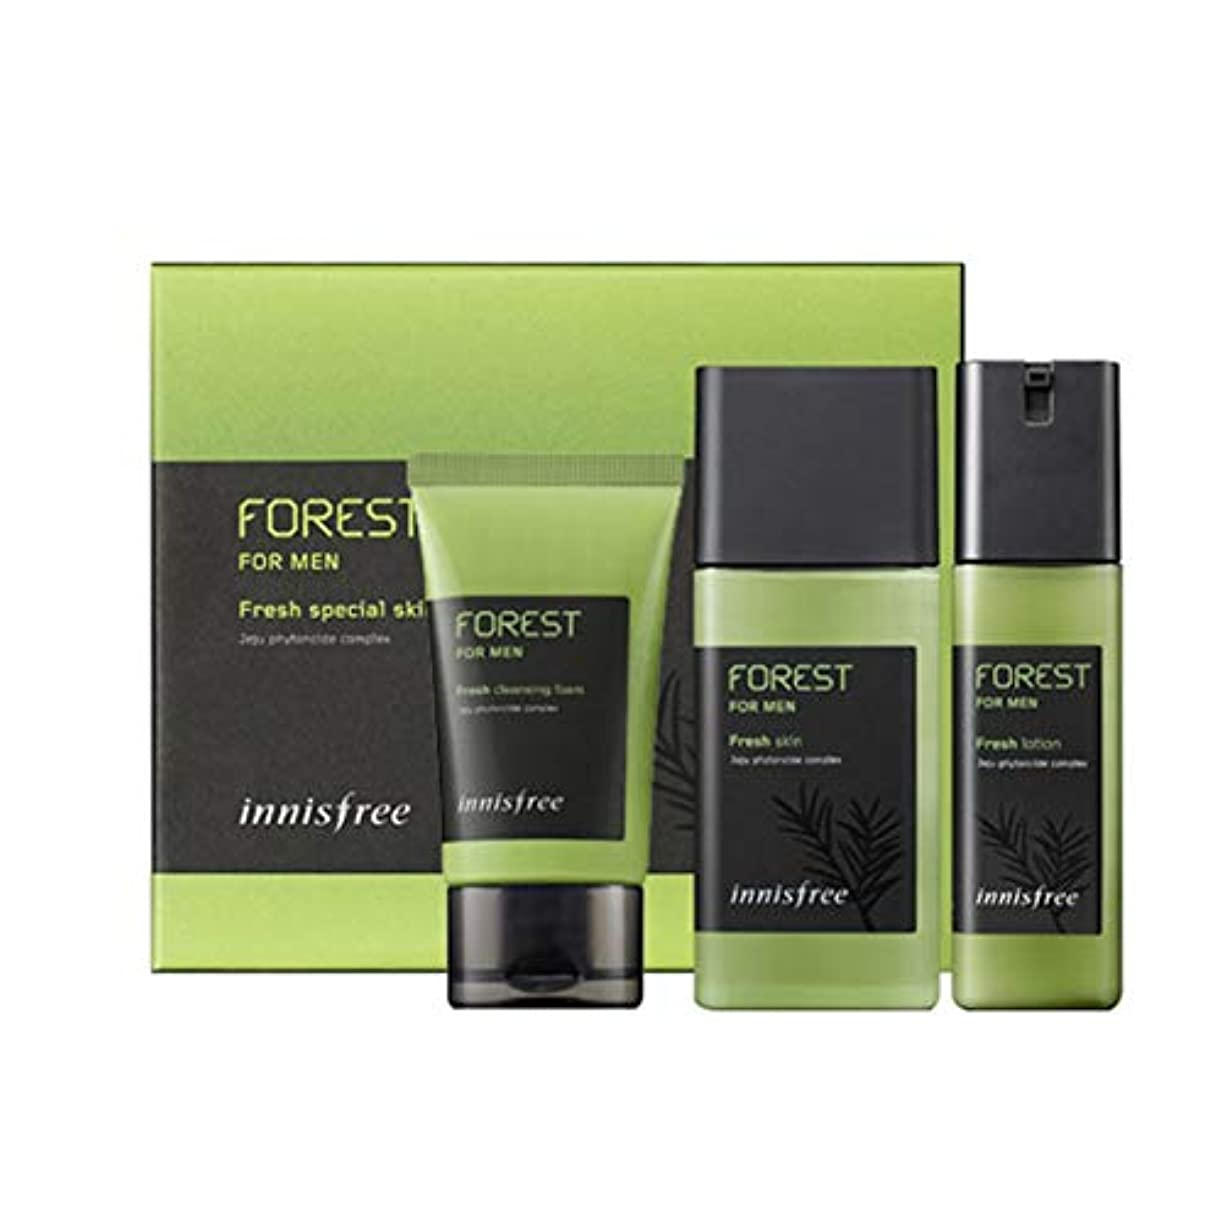 接触ストライプいつもイニスフリーフォレストフォーマンフレッシュスキンケアセットスキンローションクレンジングフォームメンズコスメ 韓国コスメ、innisfree Forest for Men Fresh Skincare Set Skin Lotion...